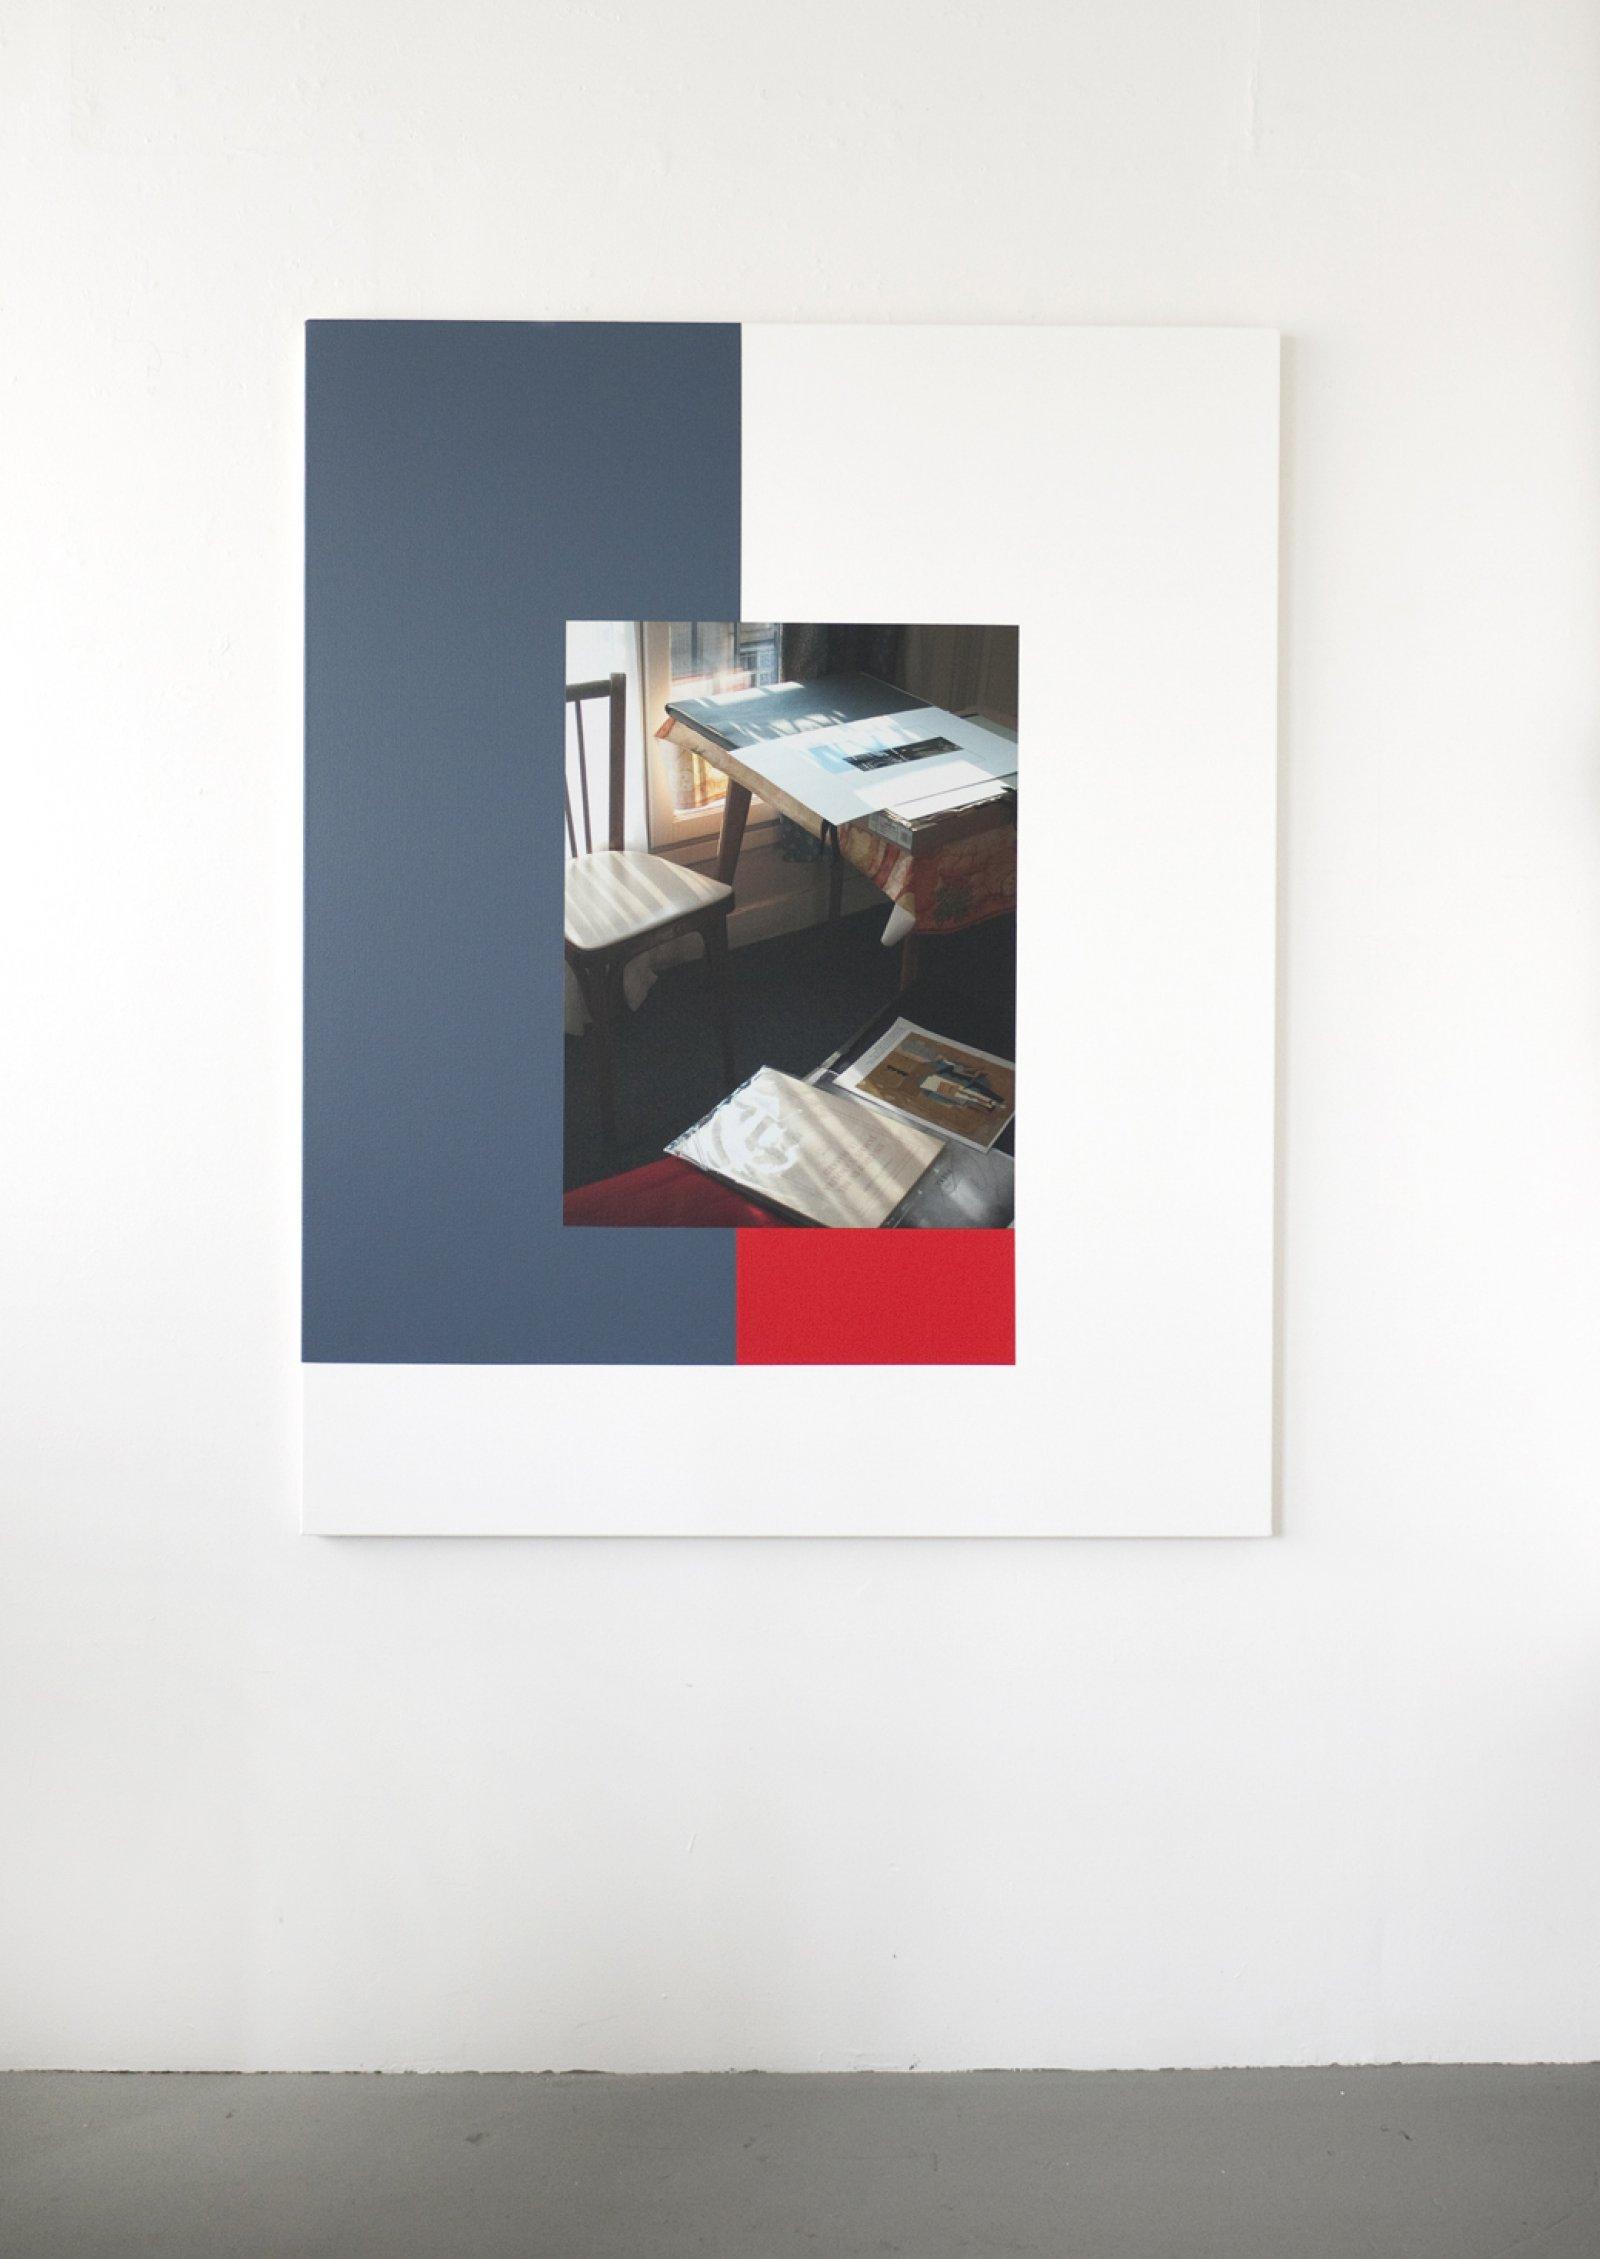 Ian Wallace,Hotel Rivoli (22 November 2003) III, 2012,photolaminate and acrylic on canvas, 60 x 48 in. (153 x 122 cm)